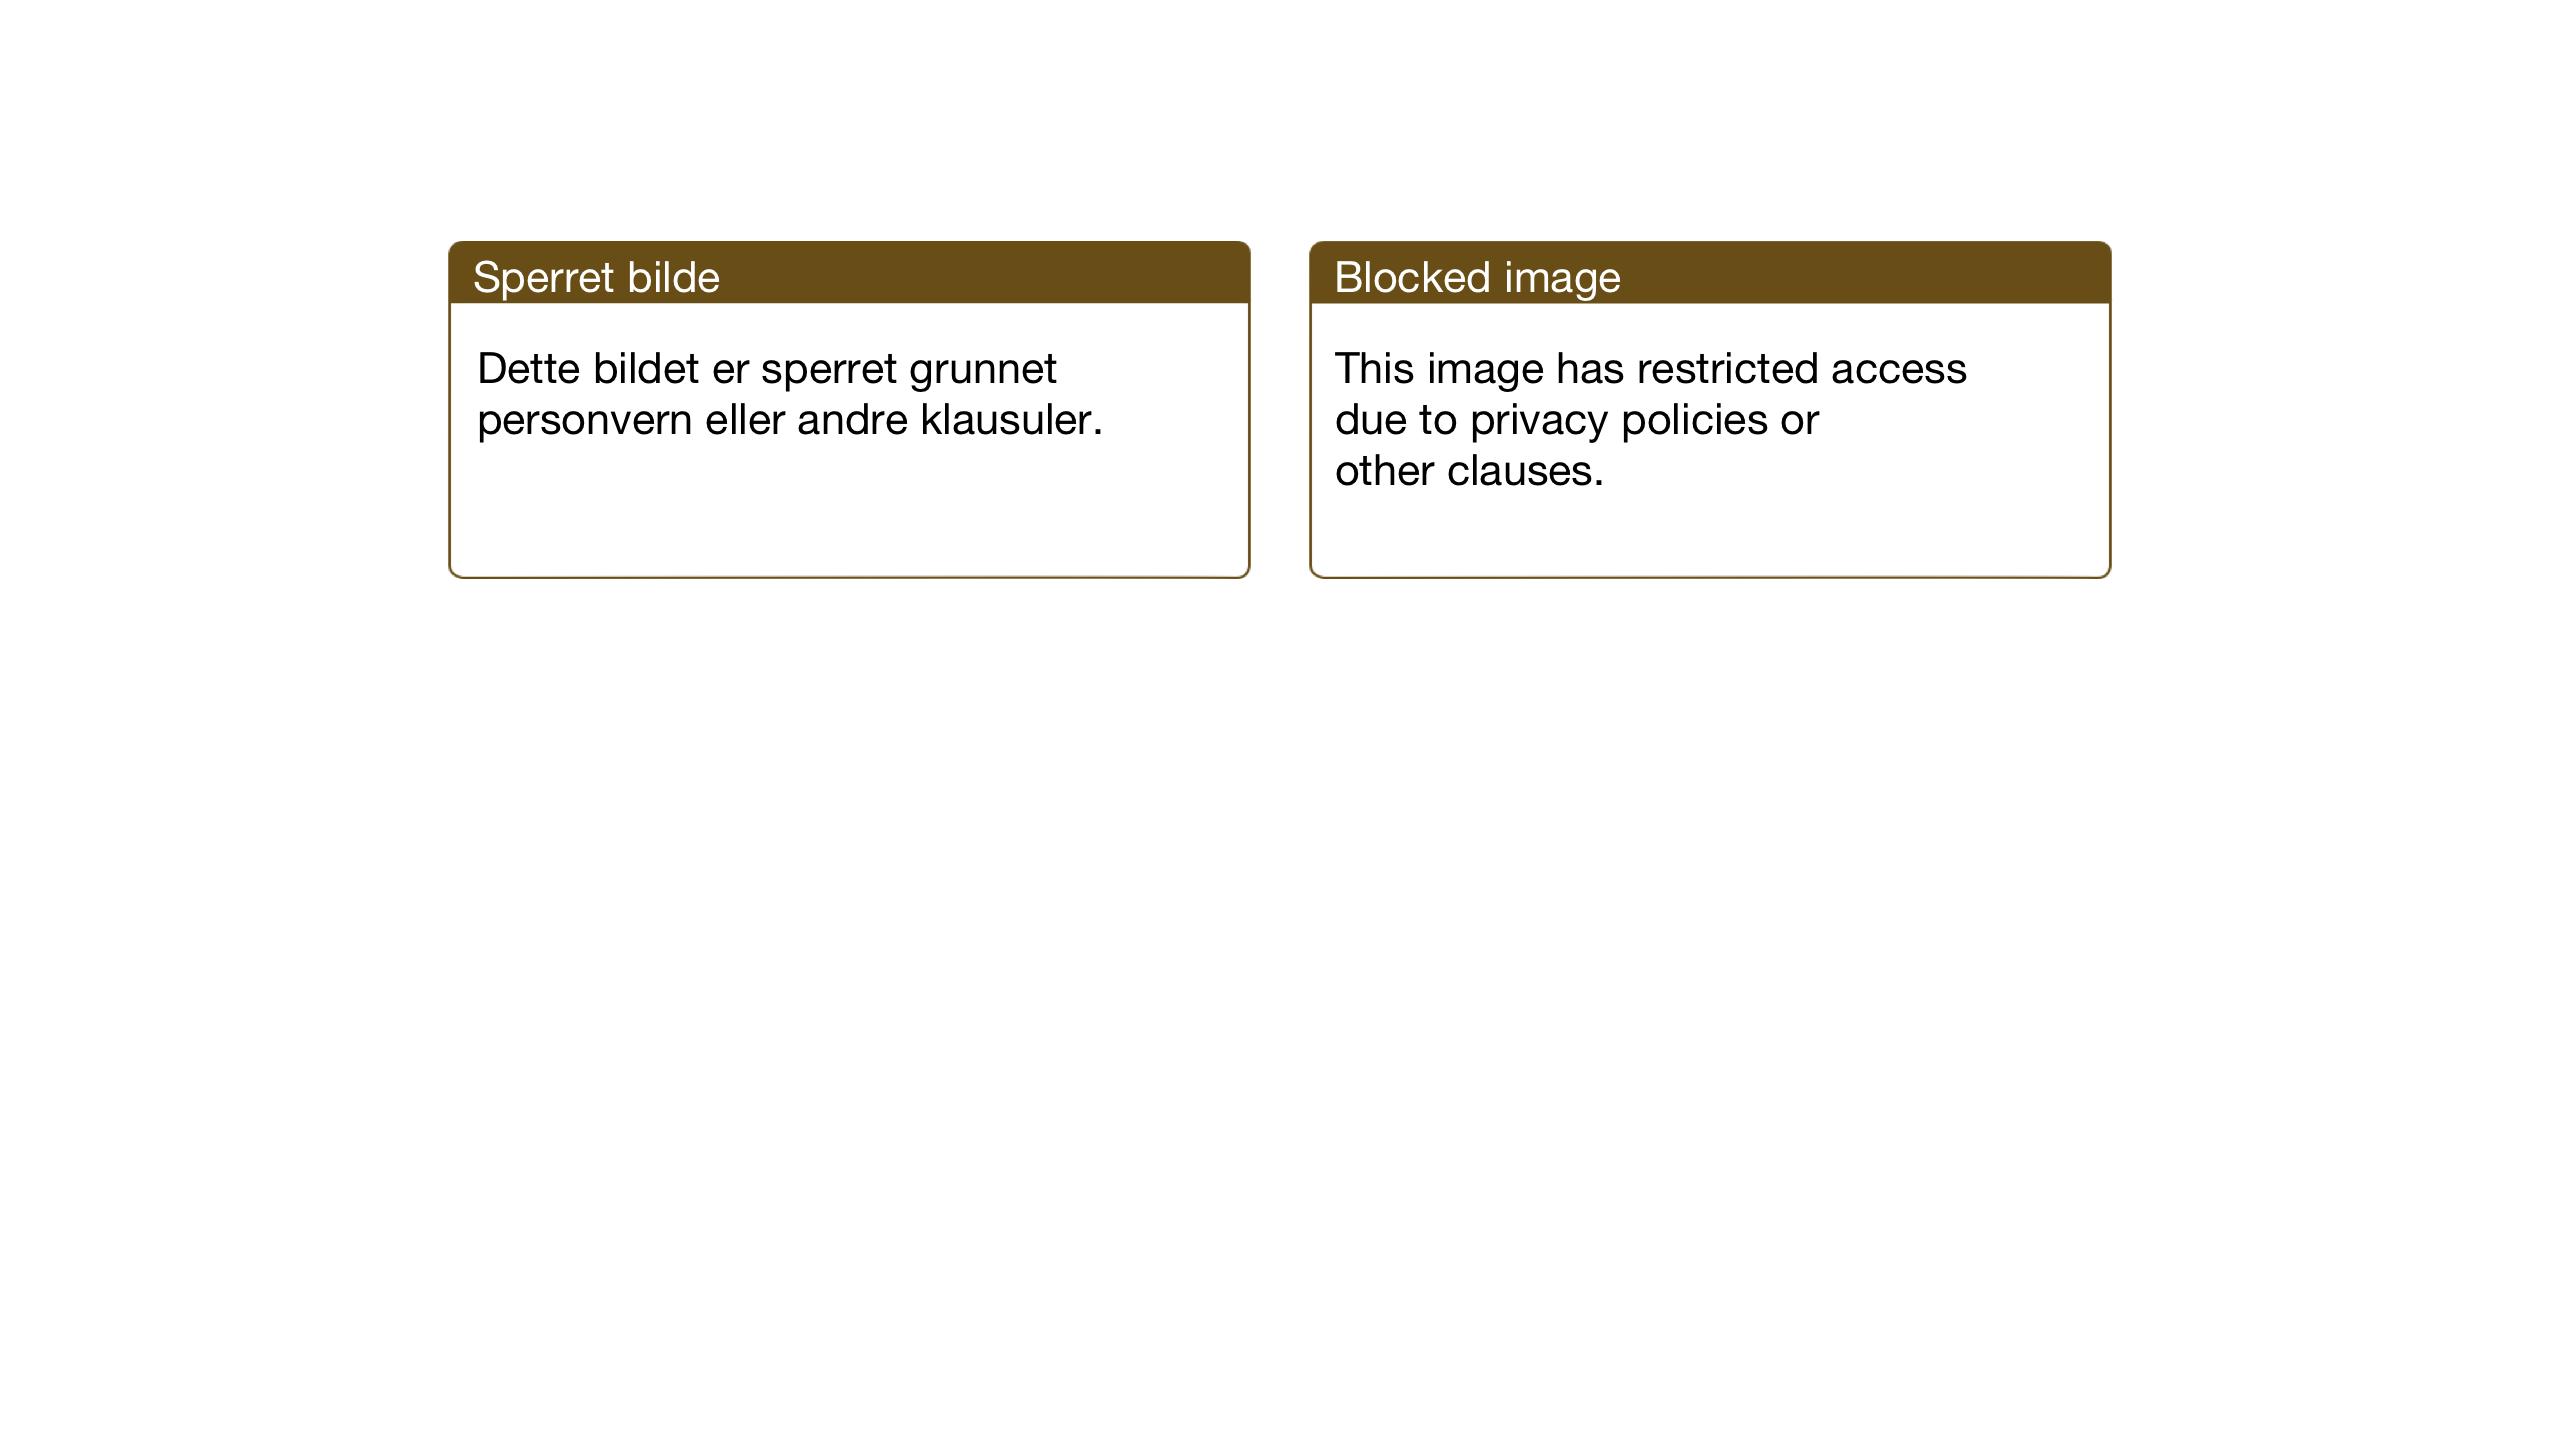 SAT, Ministerialprotokoller, klokkerbøker og fødselsregistre - Nord-Trøndelag, 712/L0104: Klokkerbok nr. 712C02, 1917-1939, s. 63